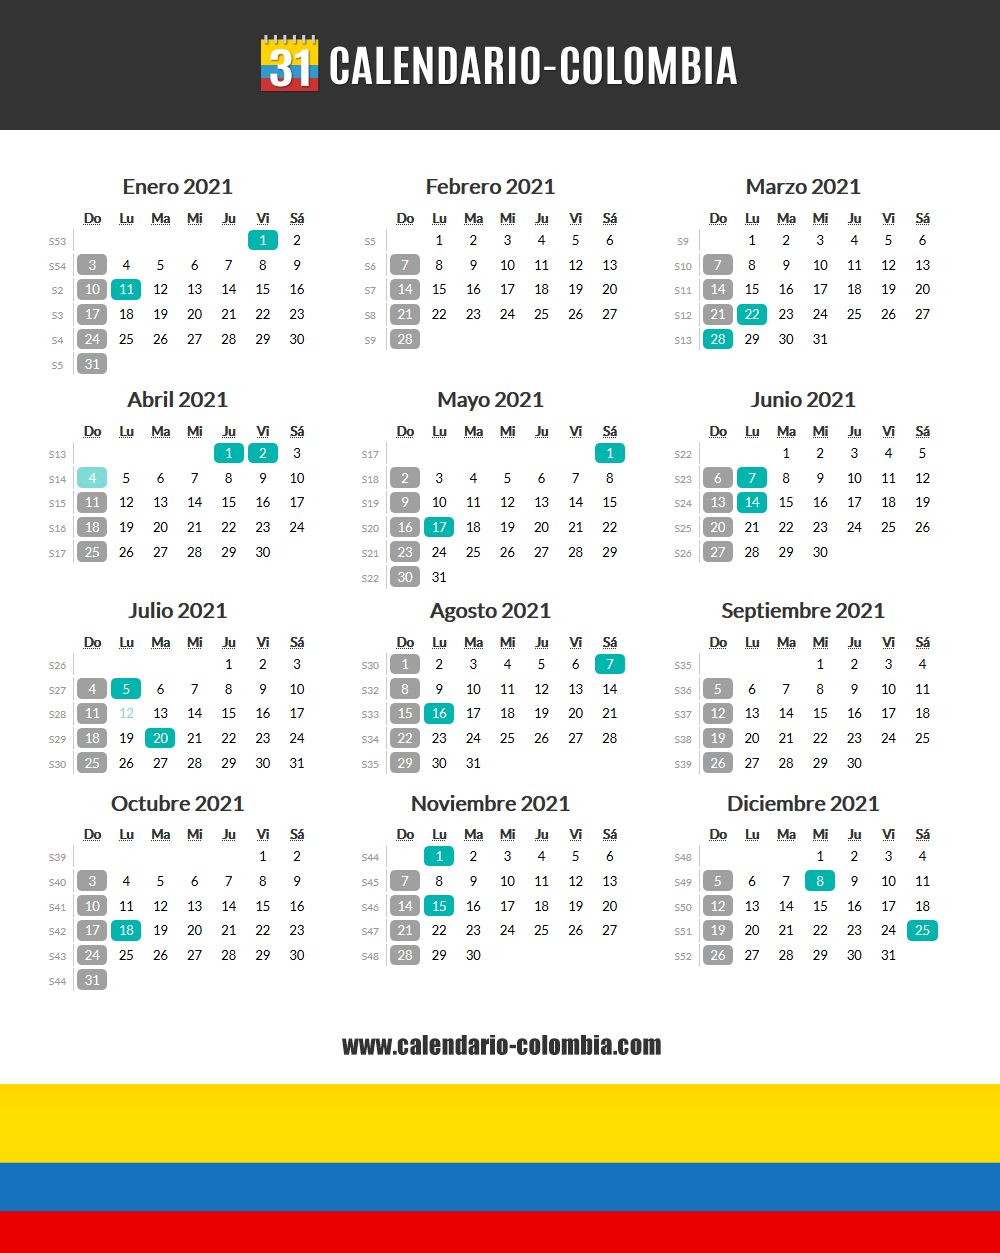 📅🇨🇴 Calendario 2021 Colombia